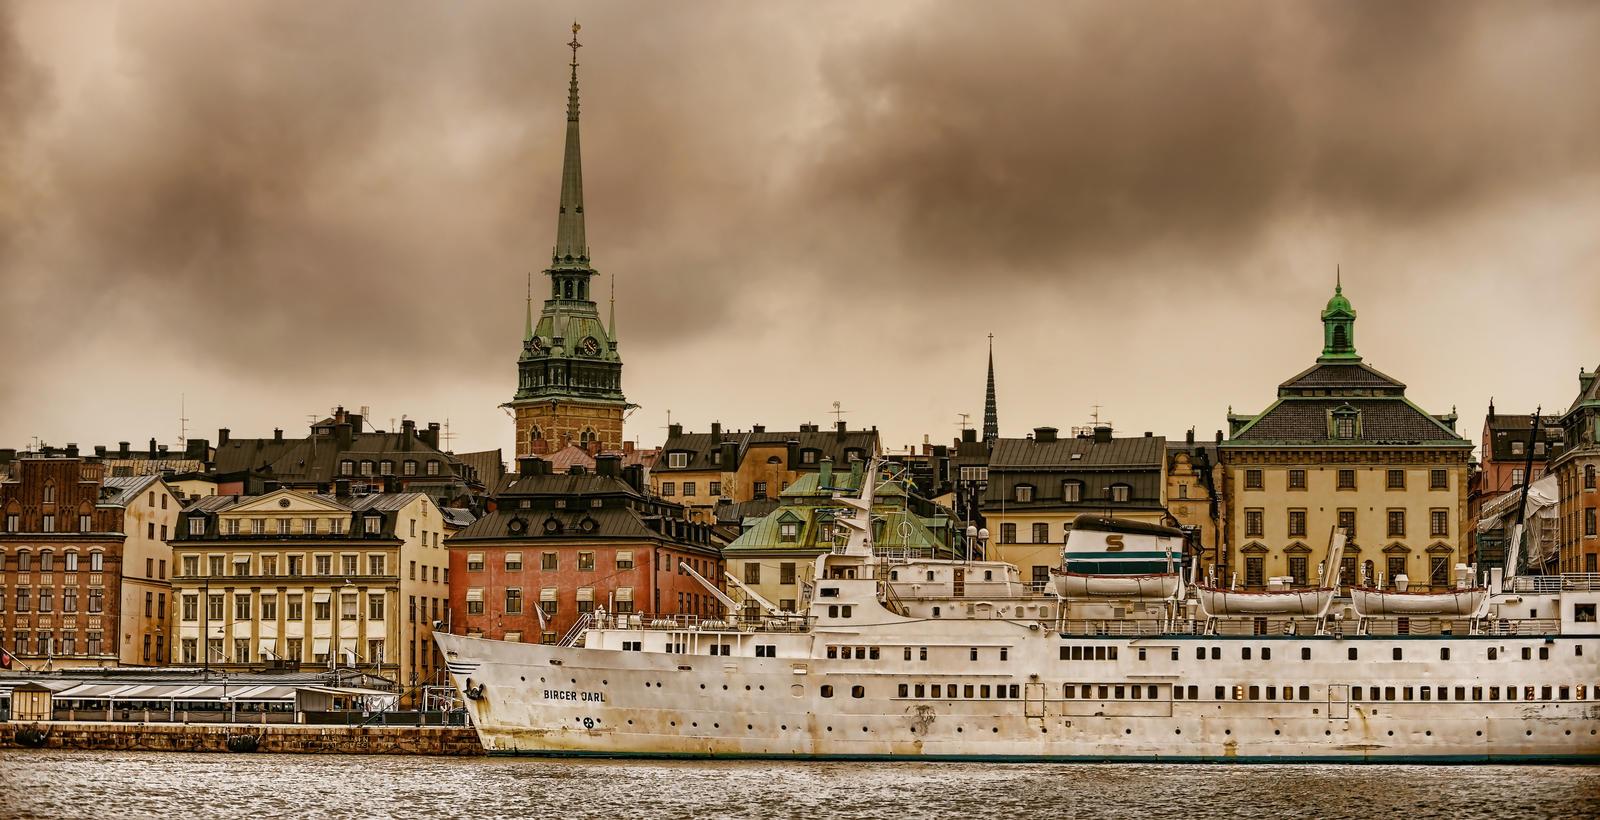 Stockholm by AlexGutkin